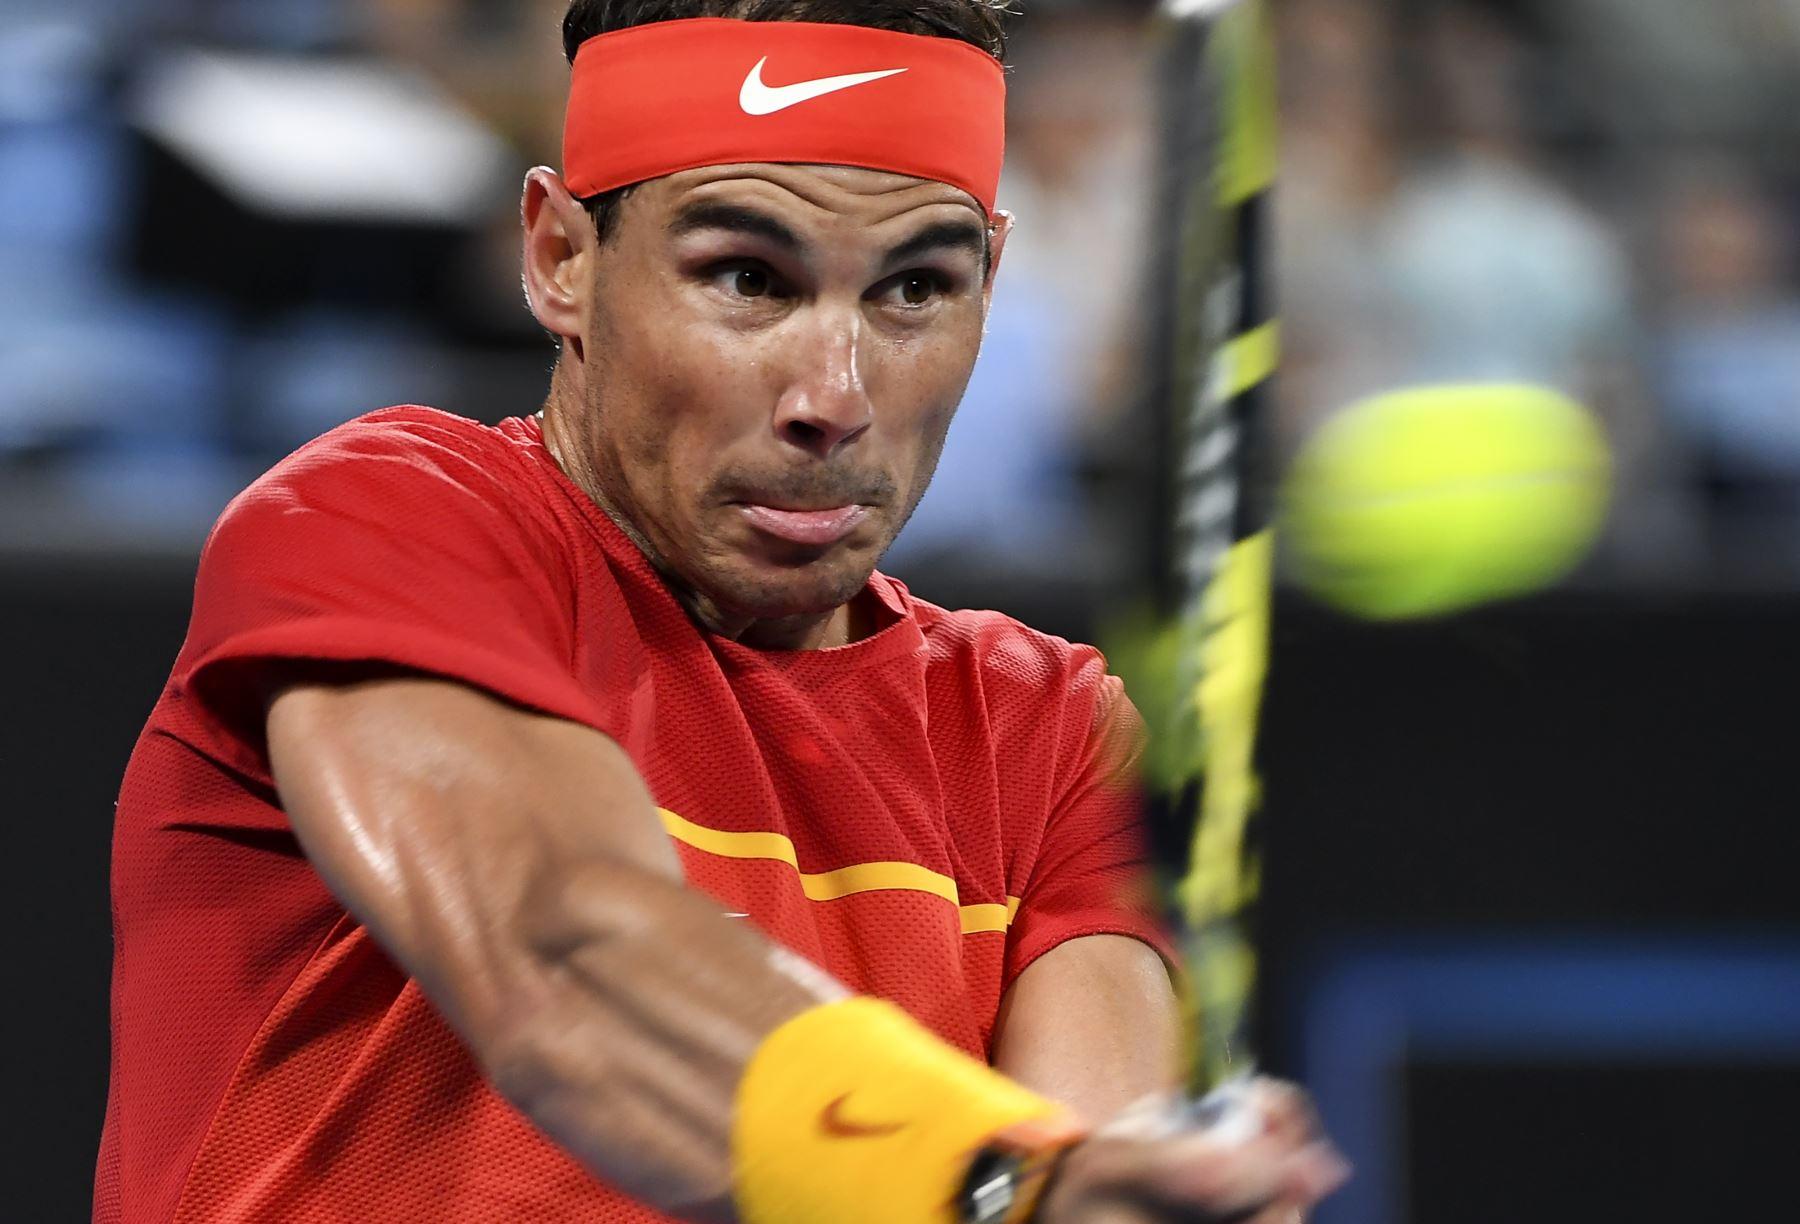 Rafael Nadal, de España, regresa durante su partido individual masculino contra Alex de Minaur, de Australia, en el torneo de tenis ATP Cup en Sydney. Foto: AFP